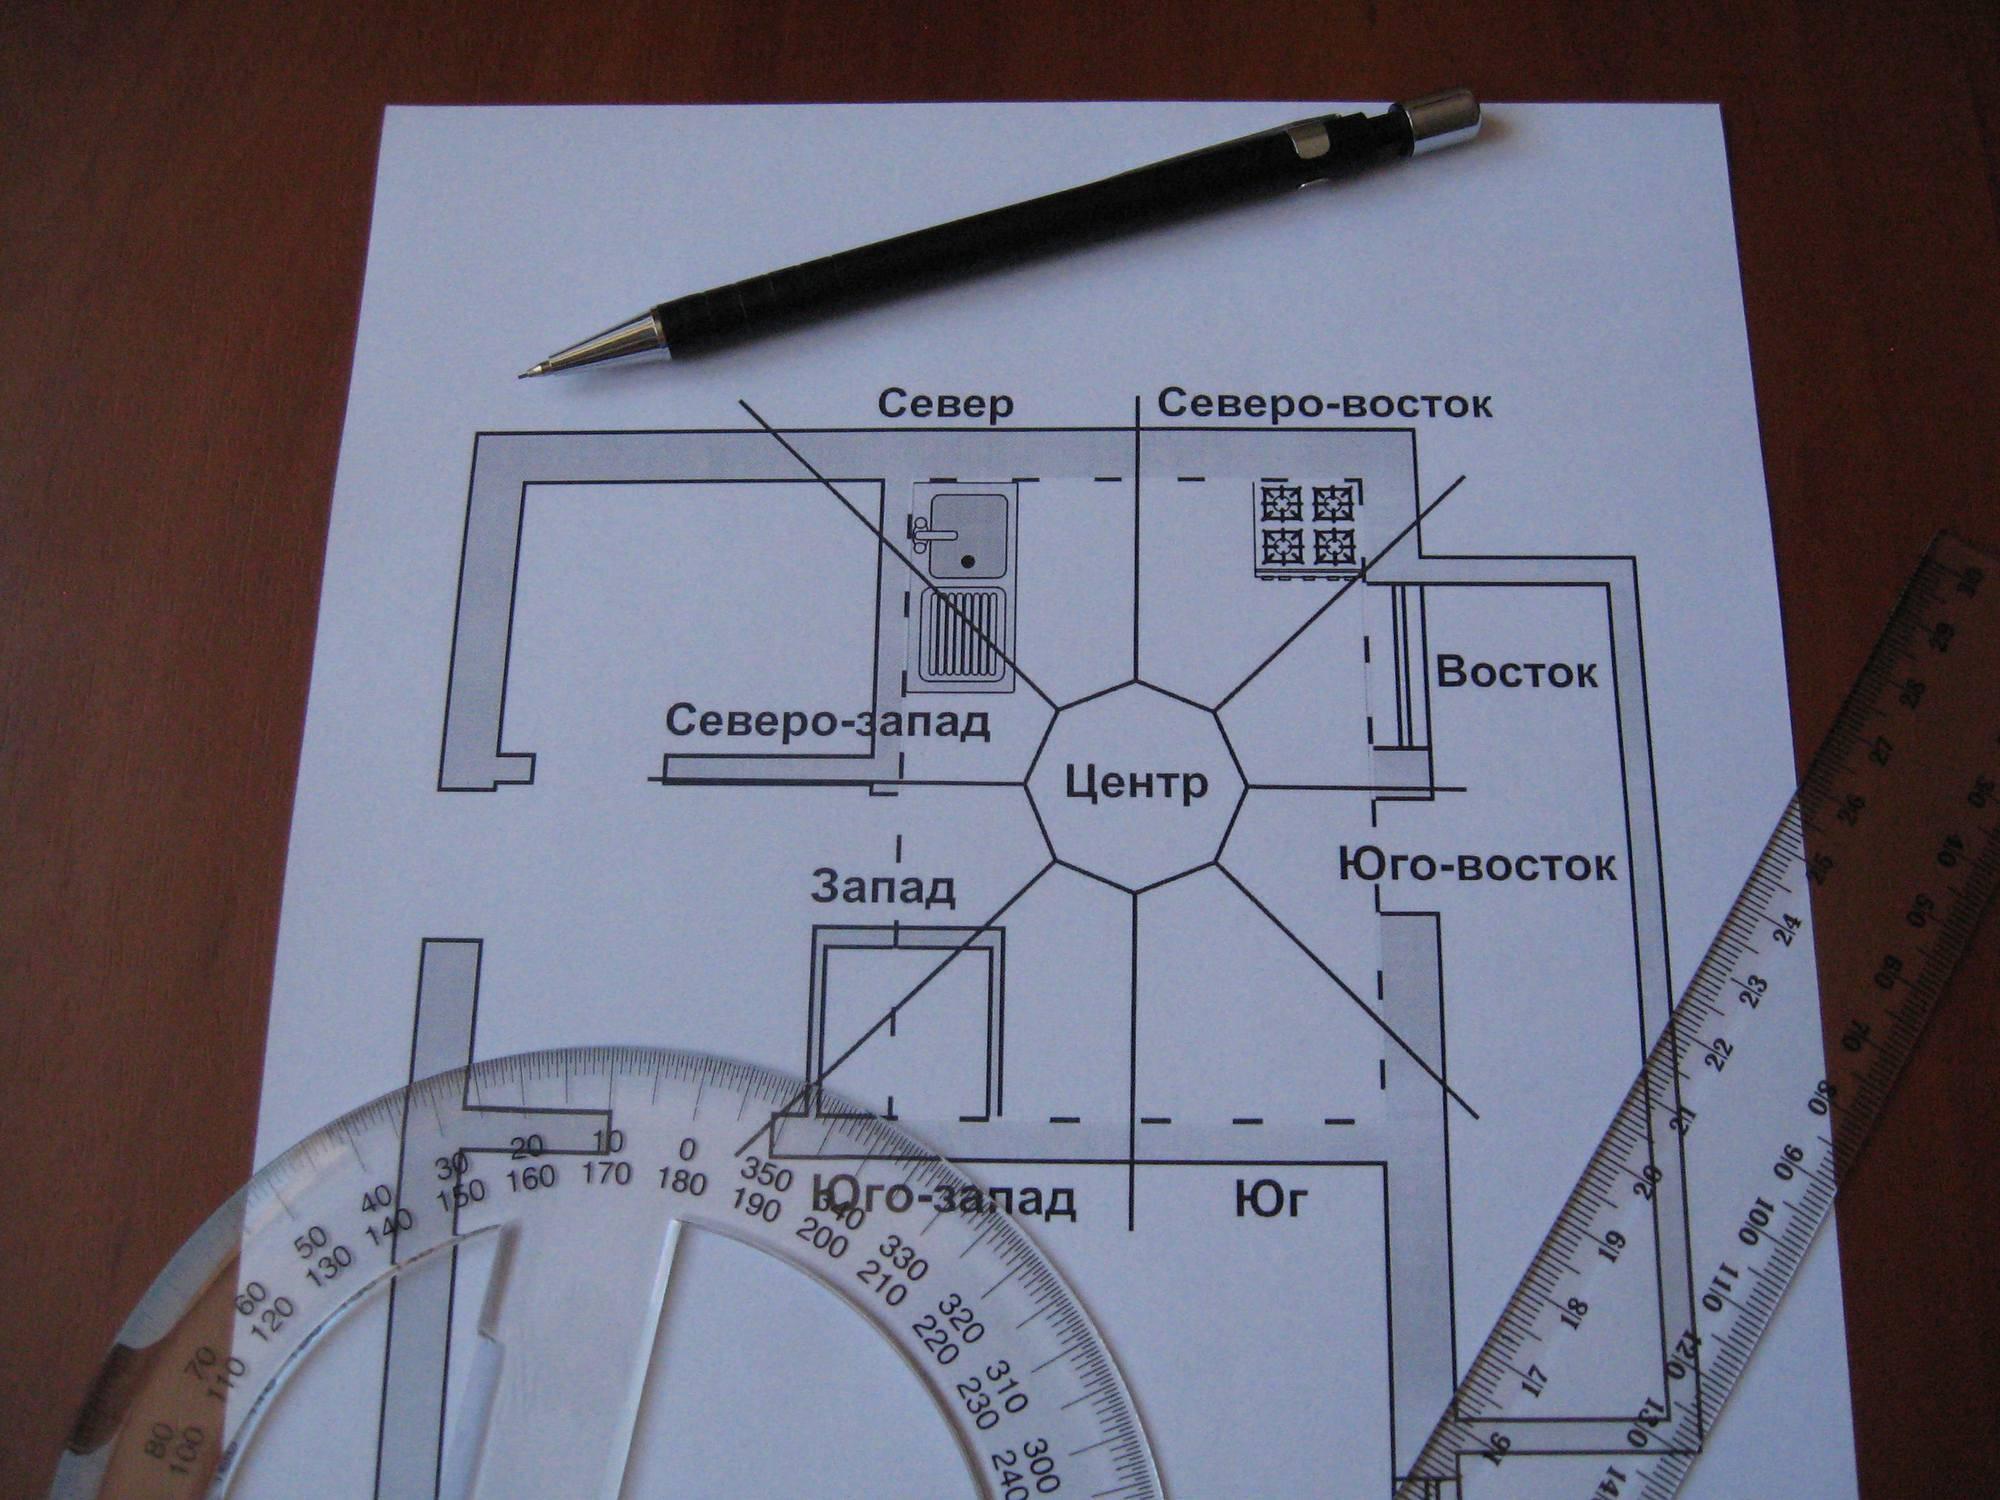 Зоны фен-шуй в квартире - правила оформления